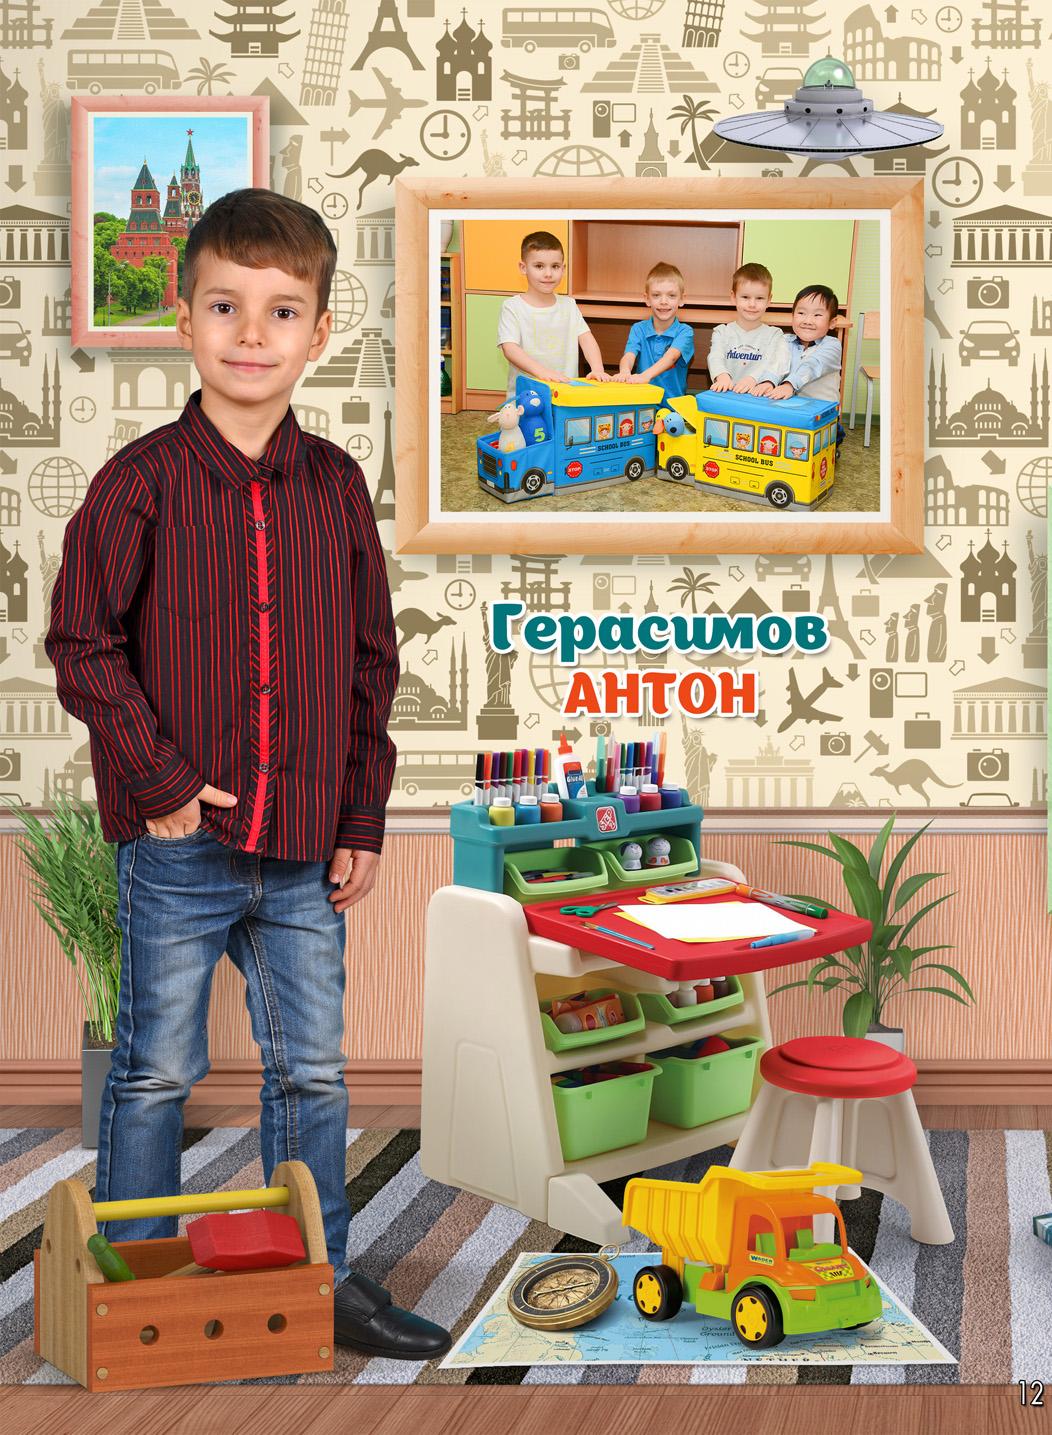 https://school-photo.com.ua/wp-content/uploads/2021/09/12-копия-2.jpg